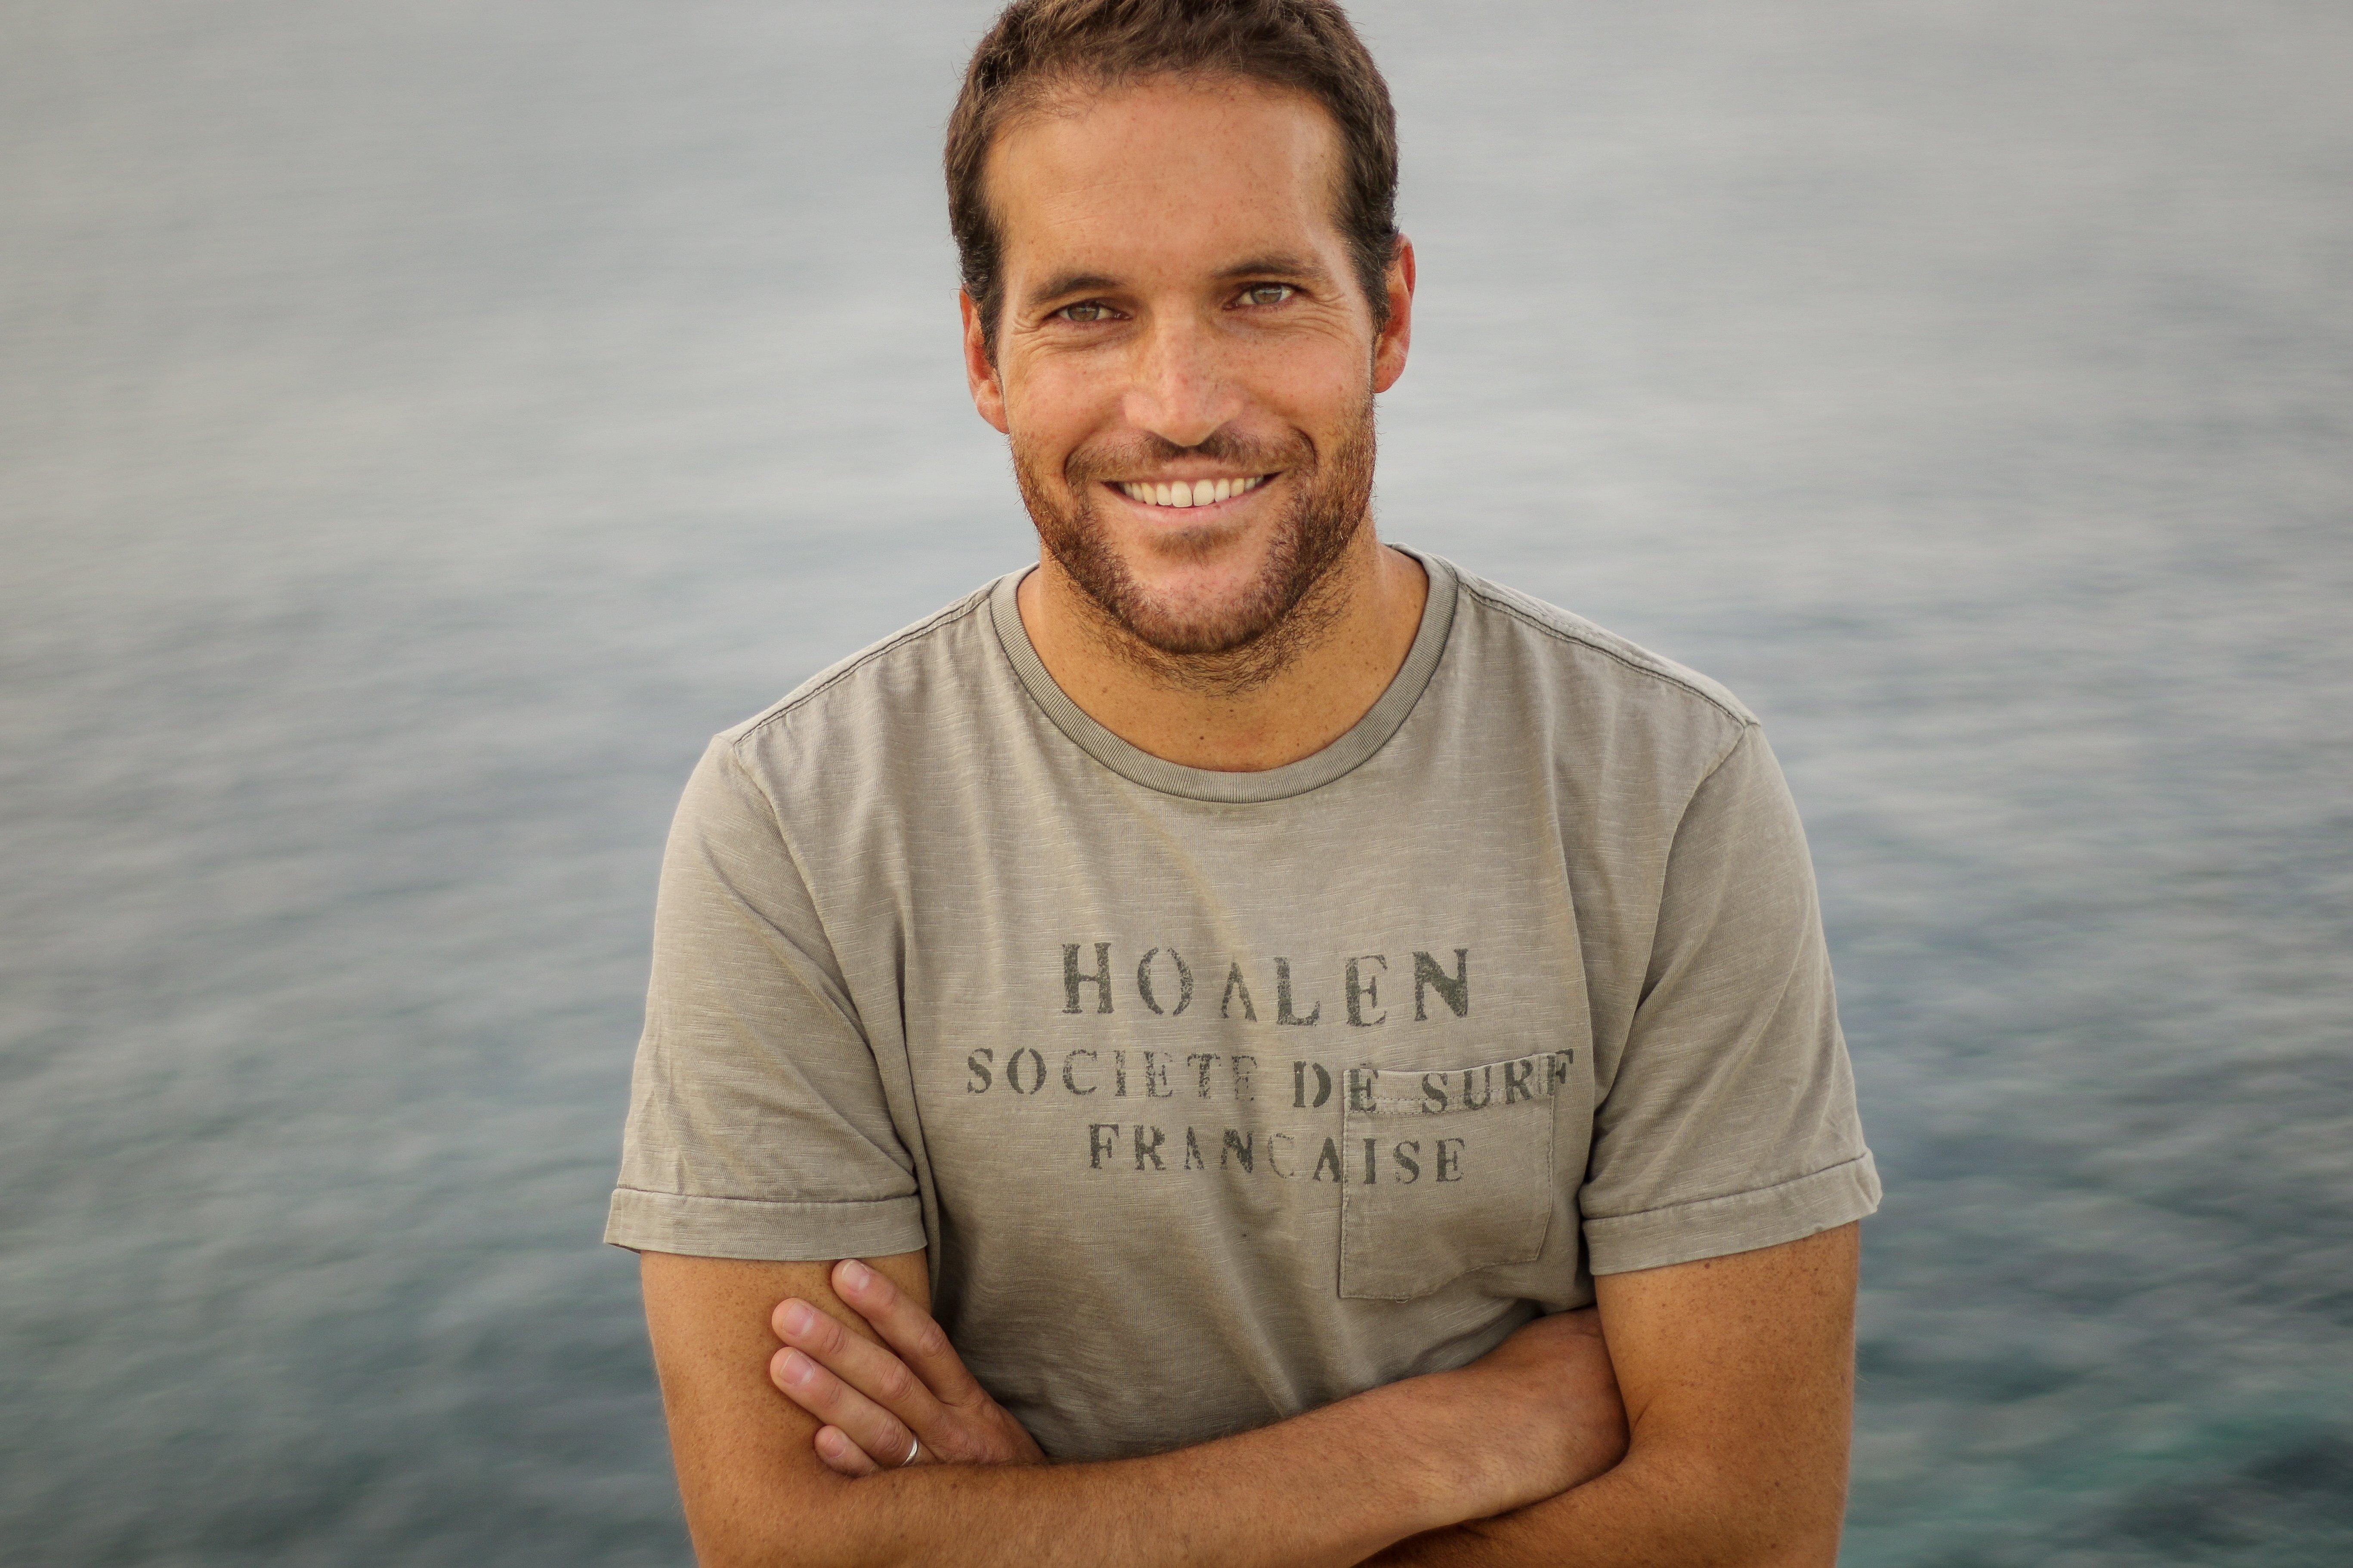 Romain Maurin